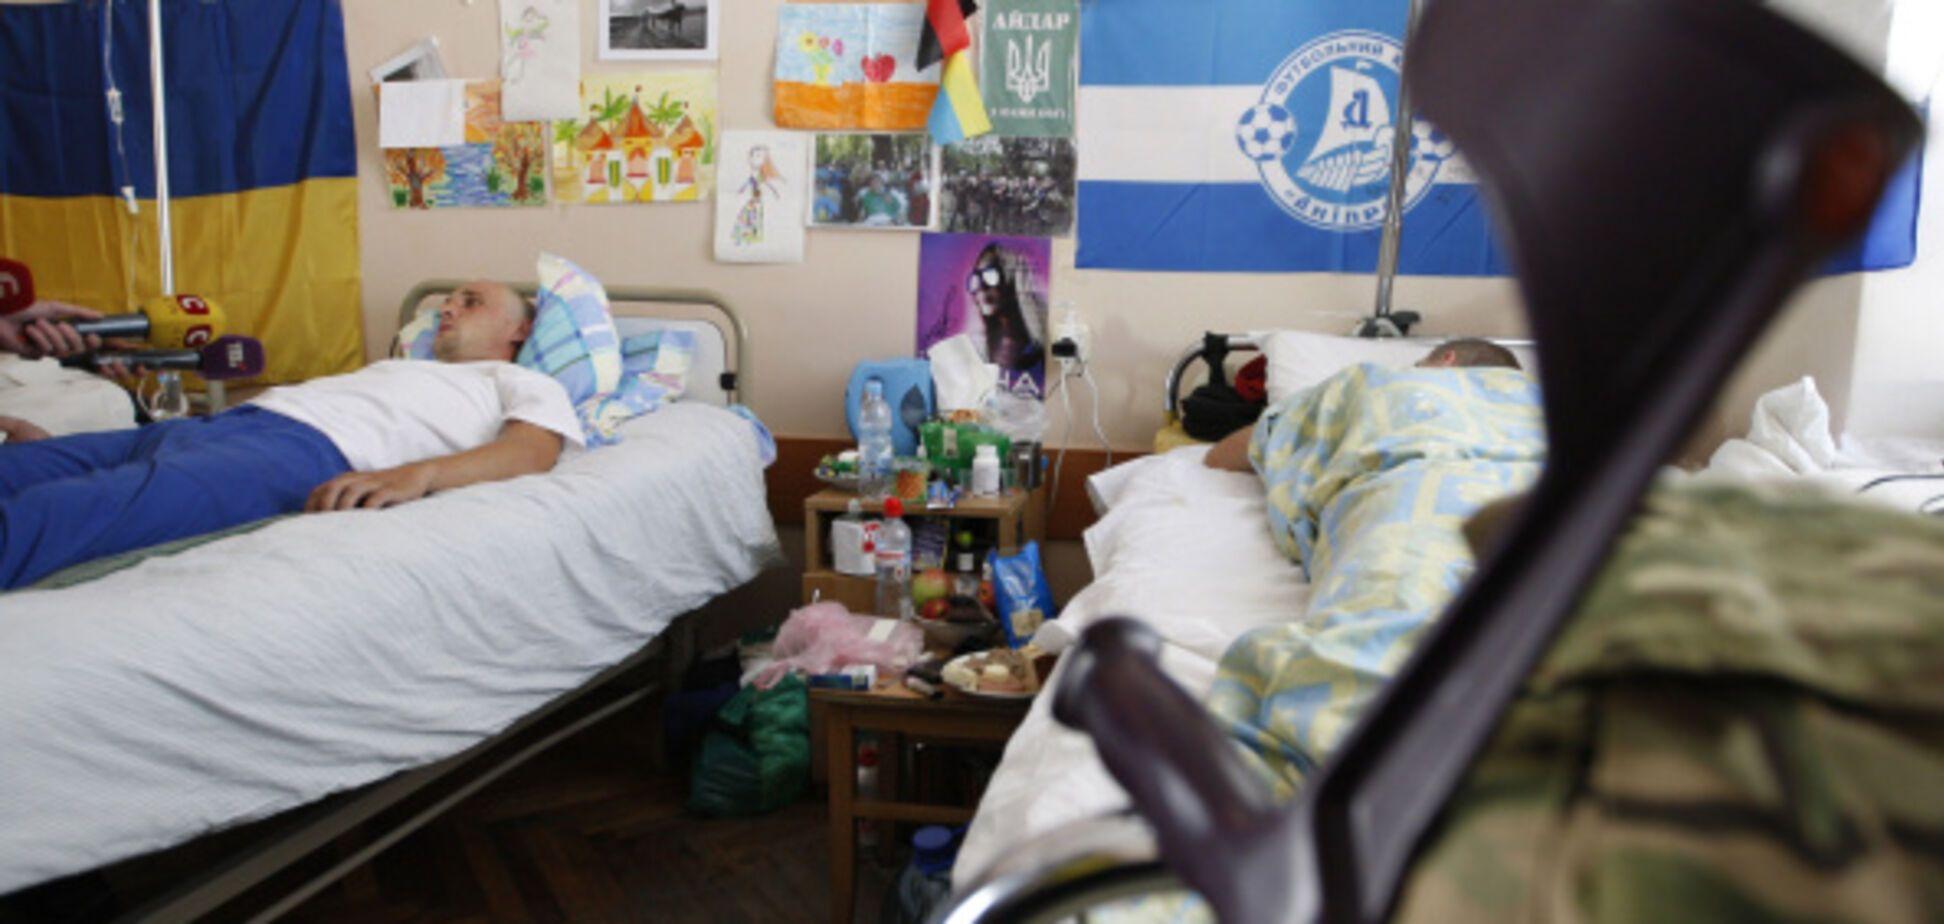 Лосось, броколі та червона риба: чим годують в київському військовому госпіталі